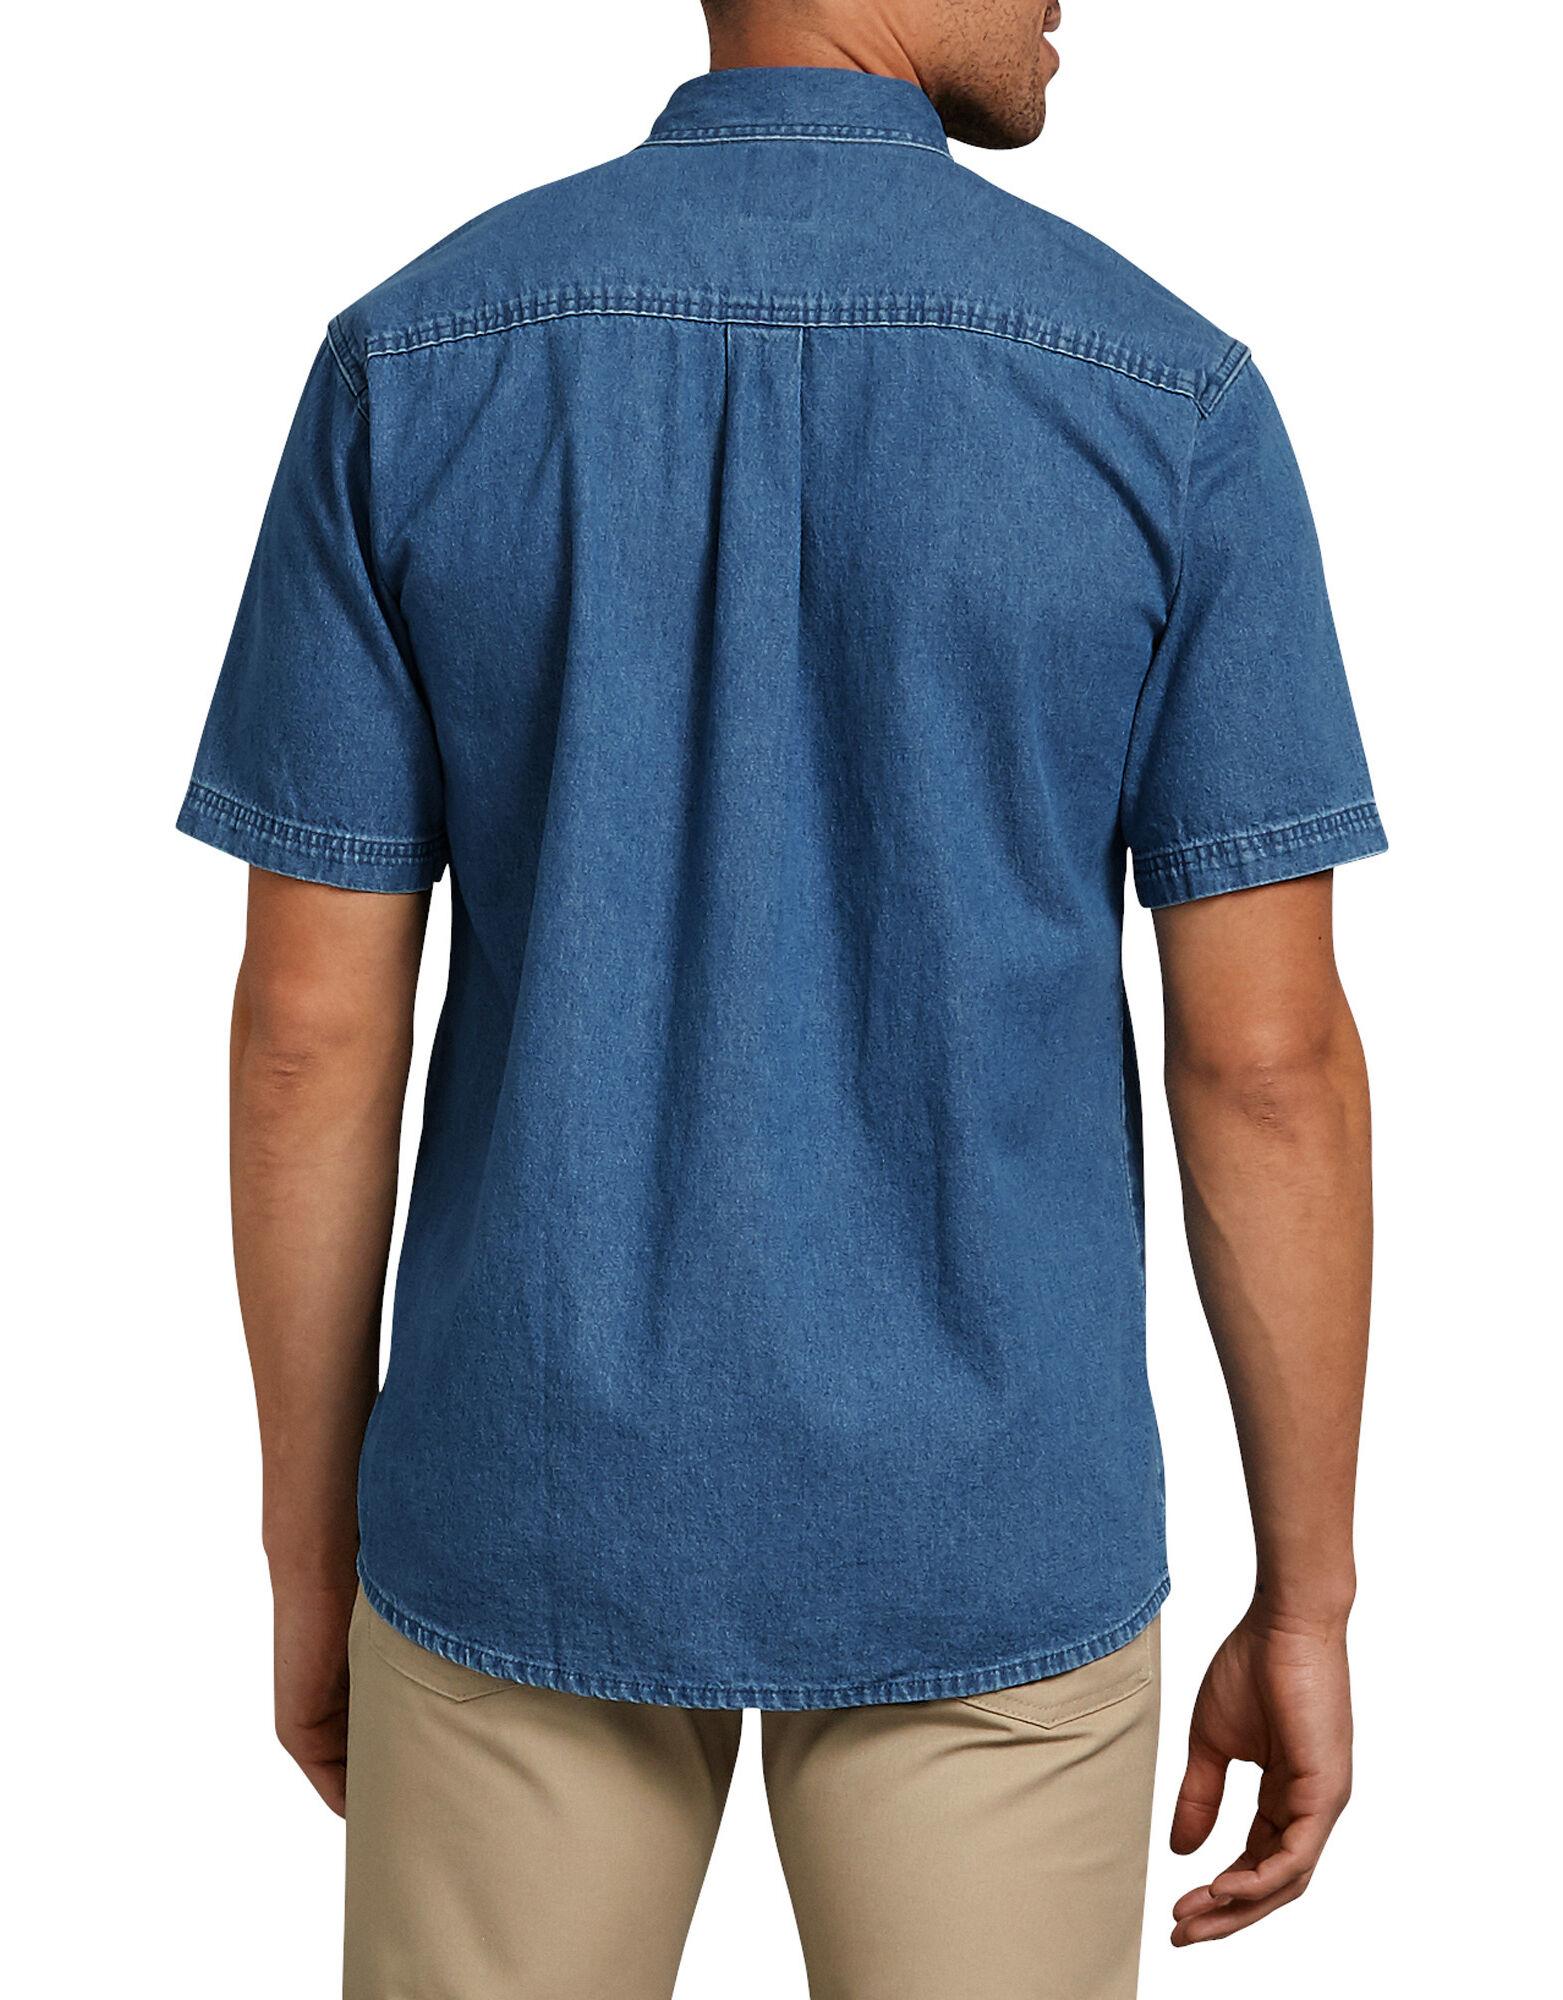 Short sleeve button down denim shirt mens shirts dickies Short sleeve button shirt